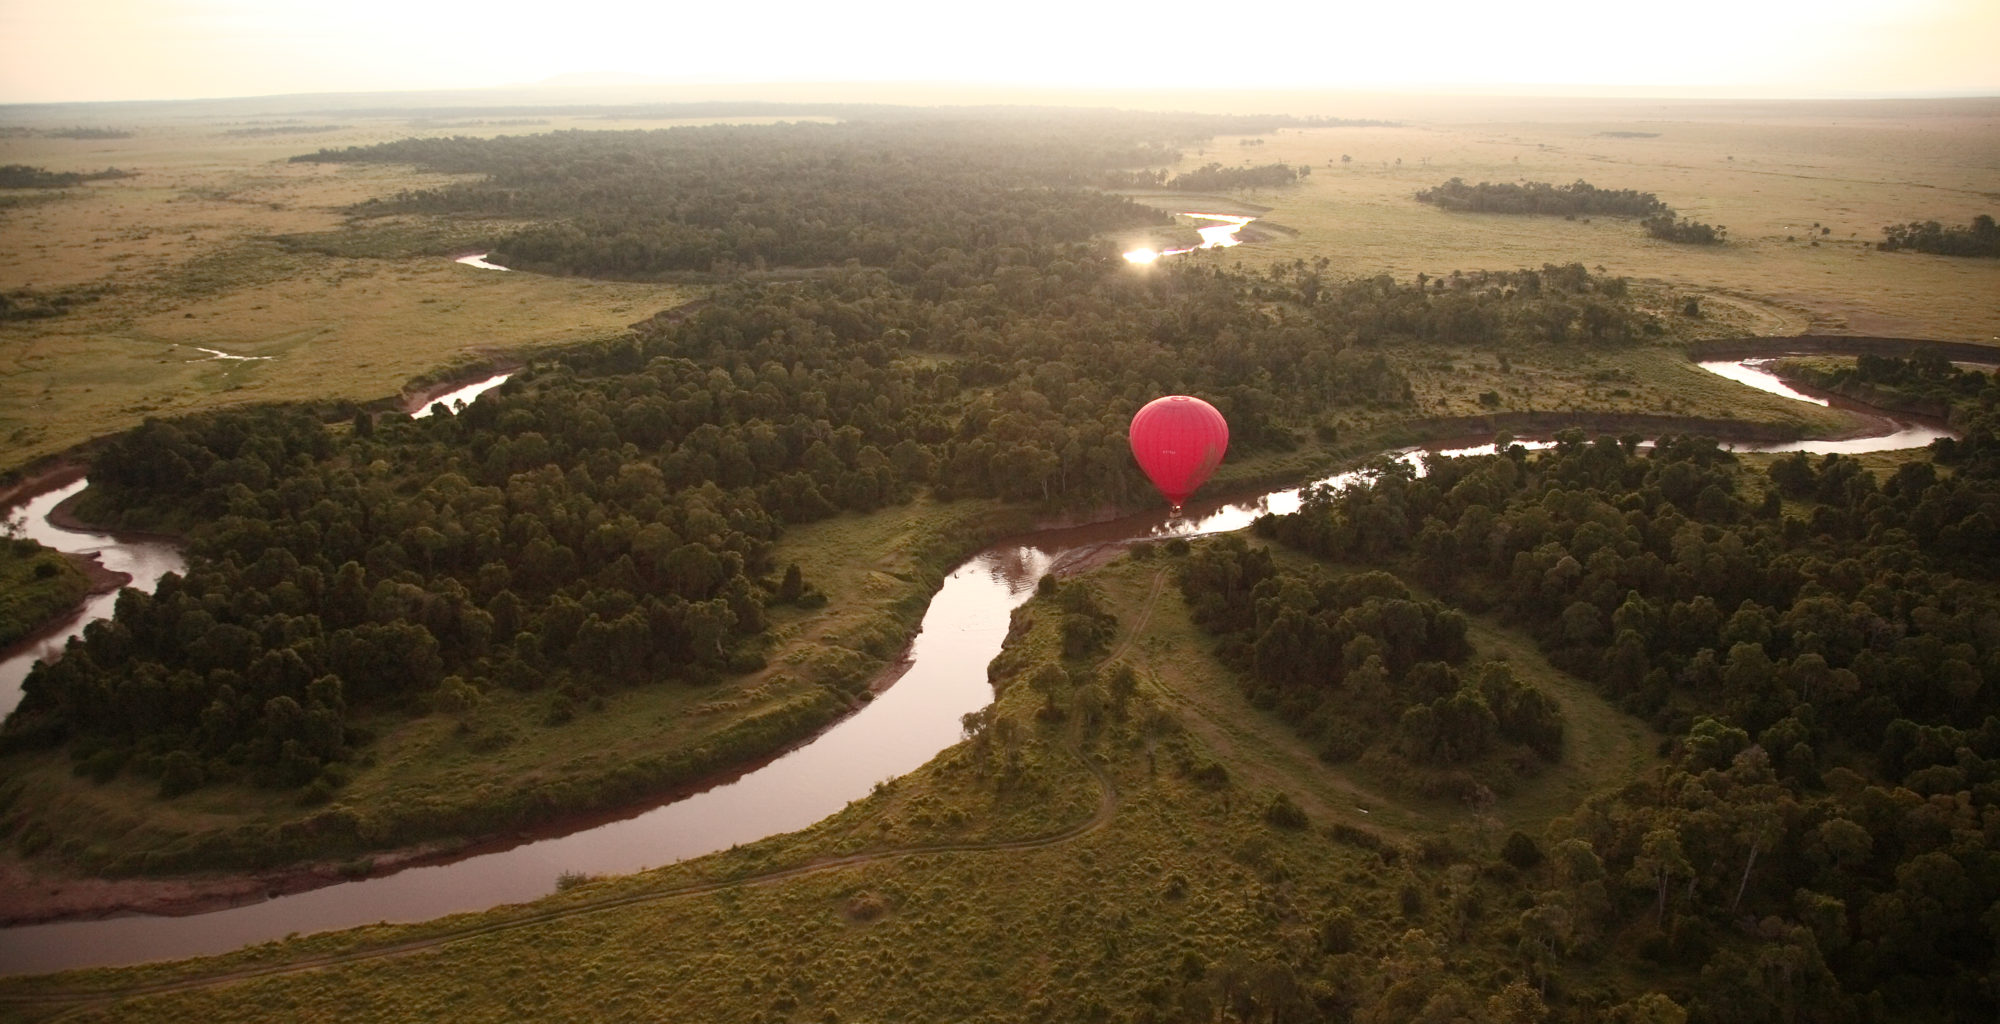 Olarro Balloon over River